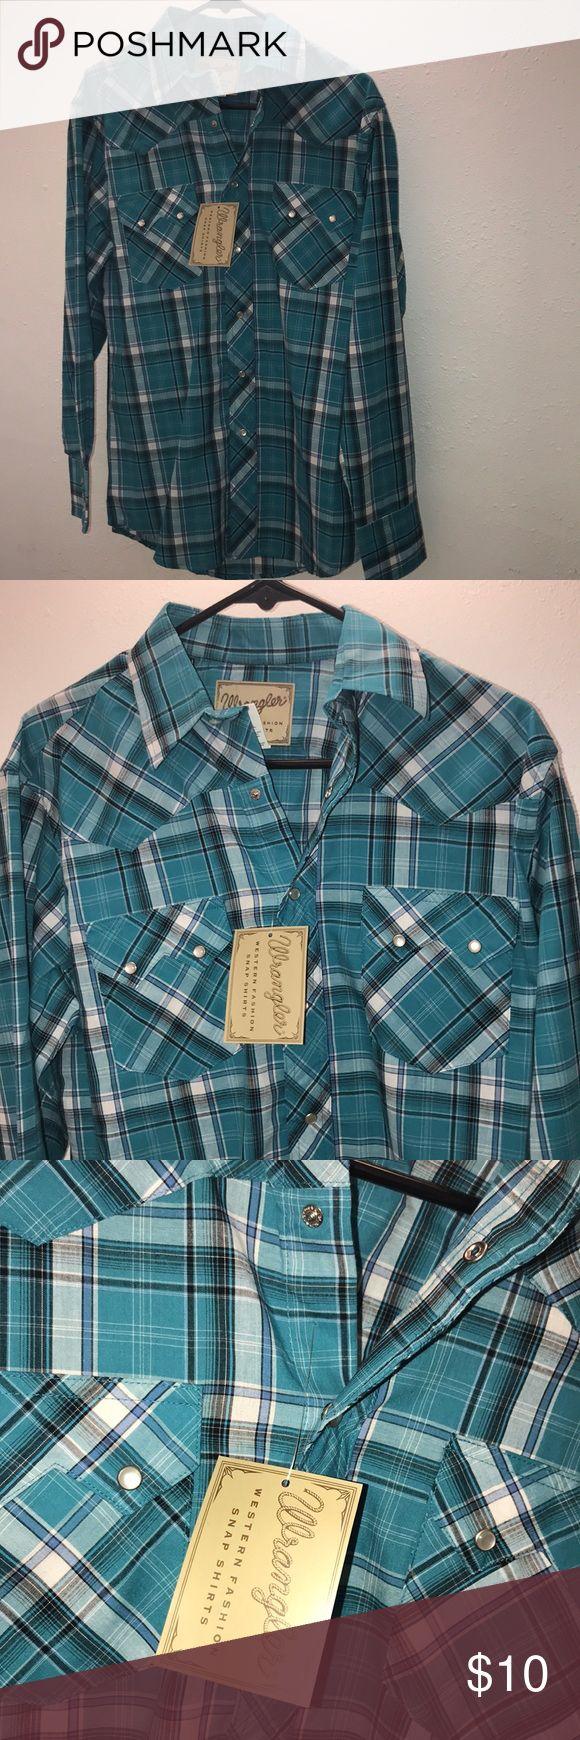 Blue Wrangler Dress Shirt Button Down Buttoned Down Blue Flannel Wrangler Dress Up Shirt Wrangler Shirts Casual Button Down Shirts